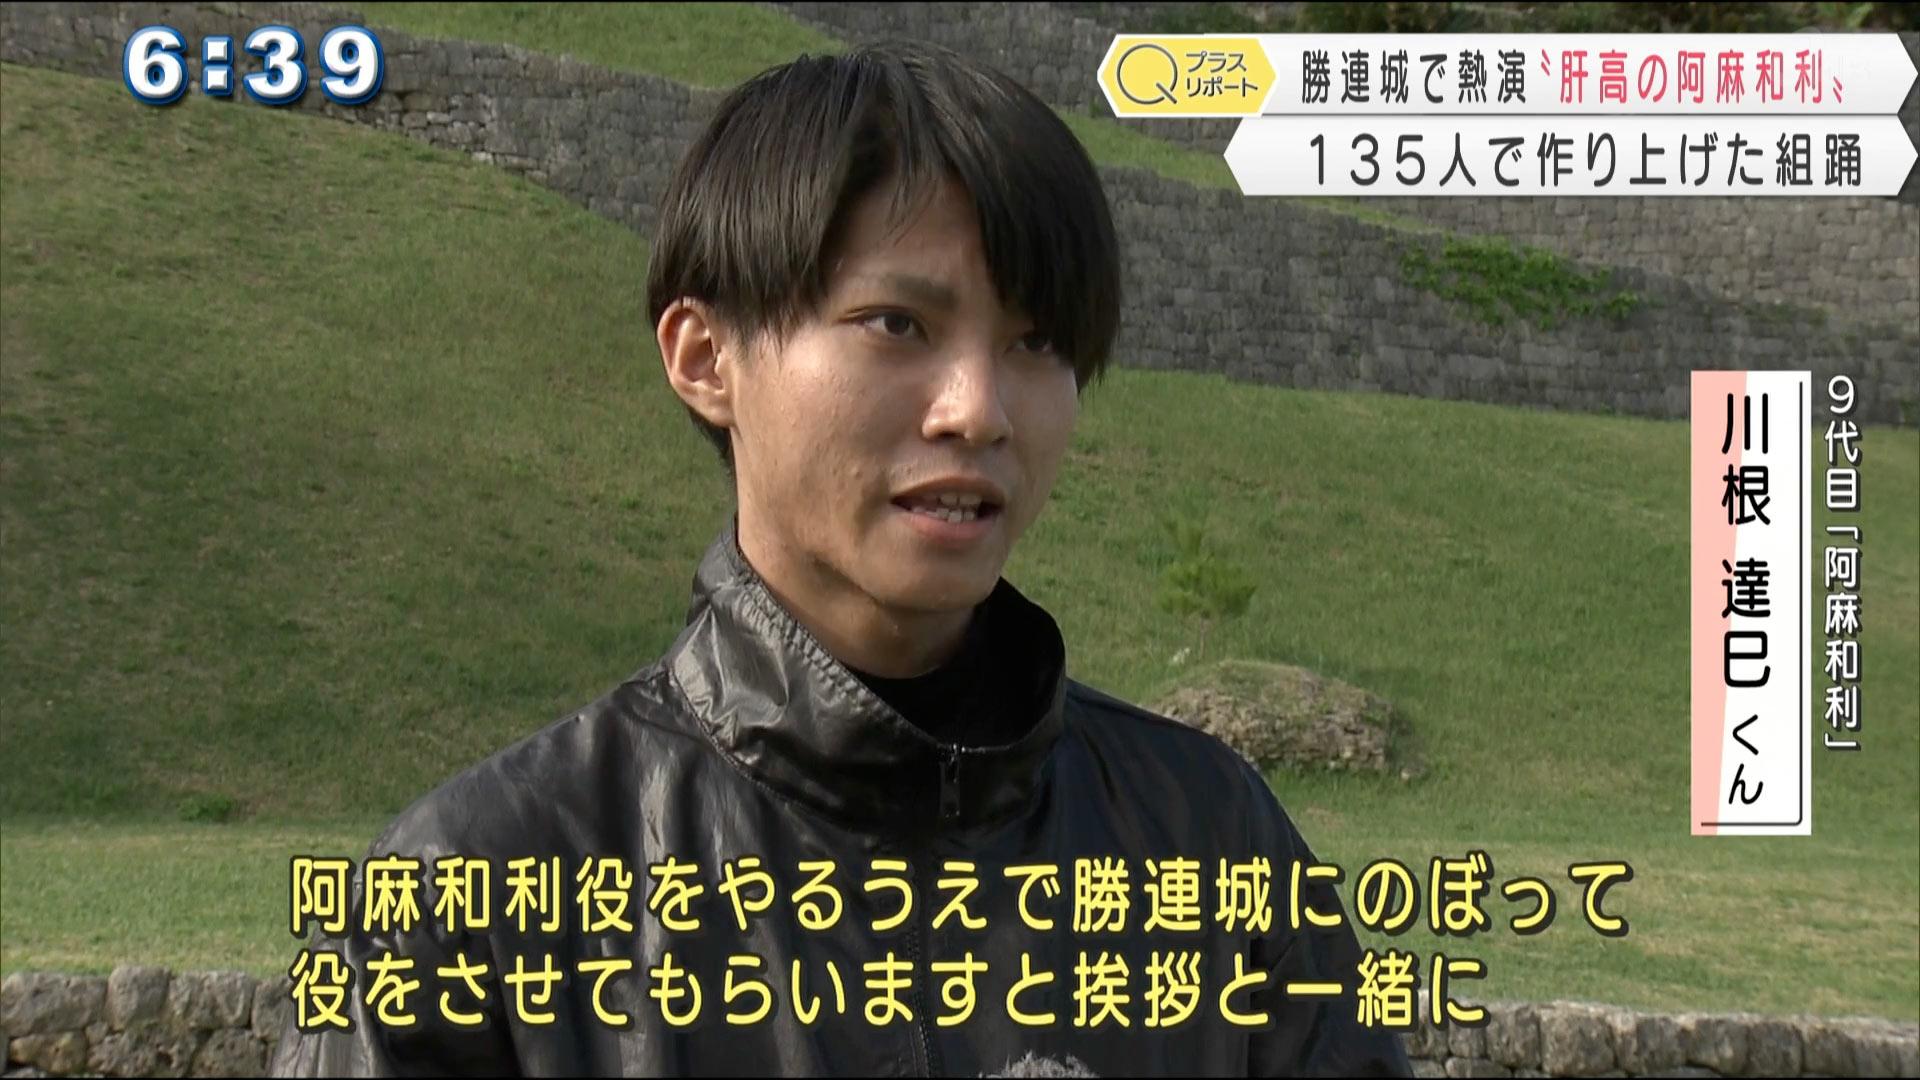 「肝高の阿麻和利 」6年ぶりのグスク公演